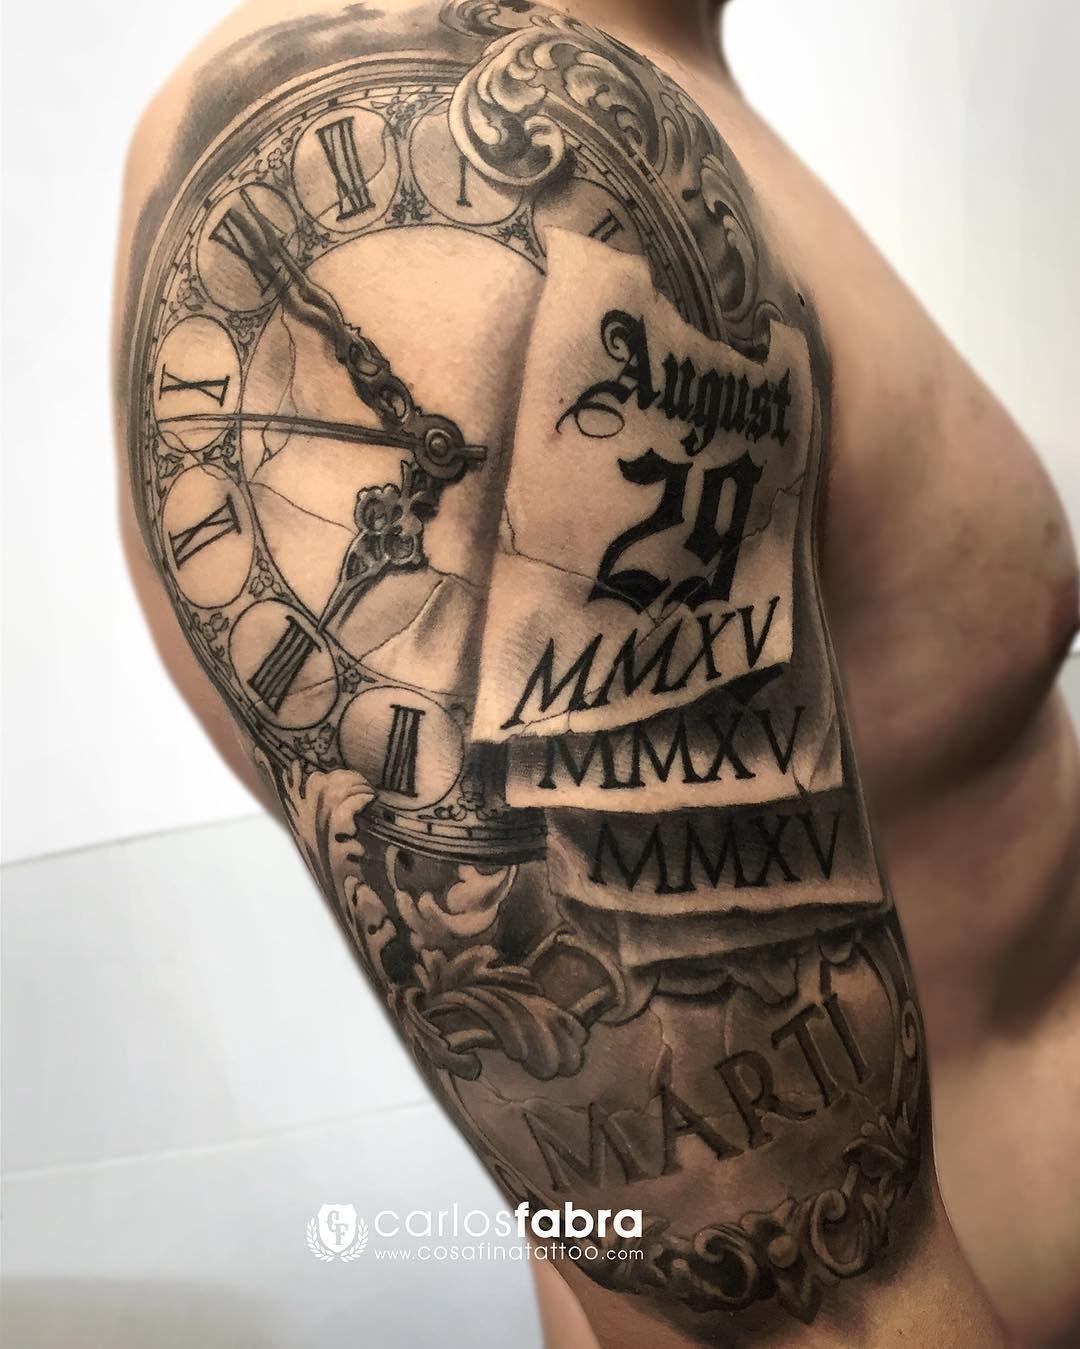 Tattoo Designs Braso: Homenaje A Su Hijo Martí. Totalmente Curado.